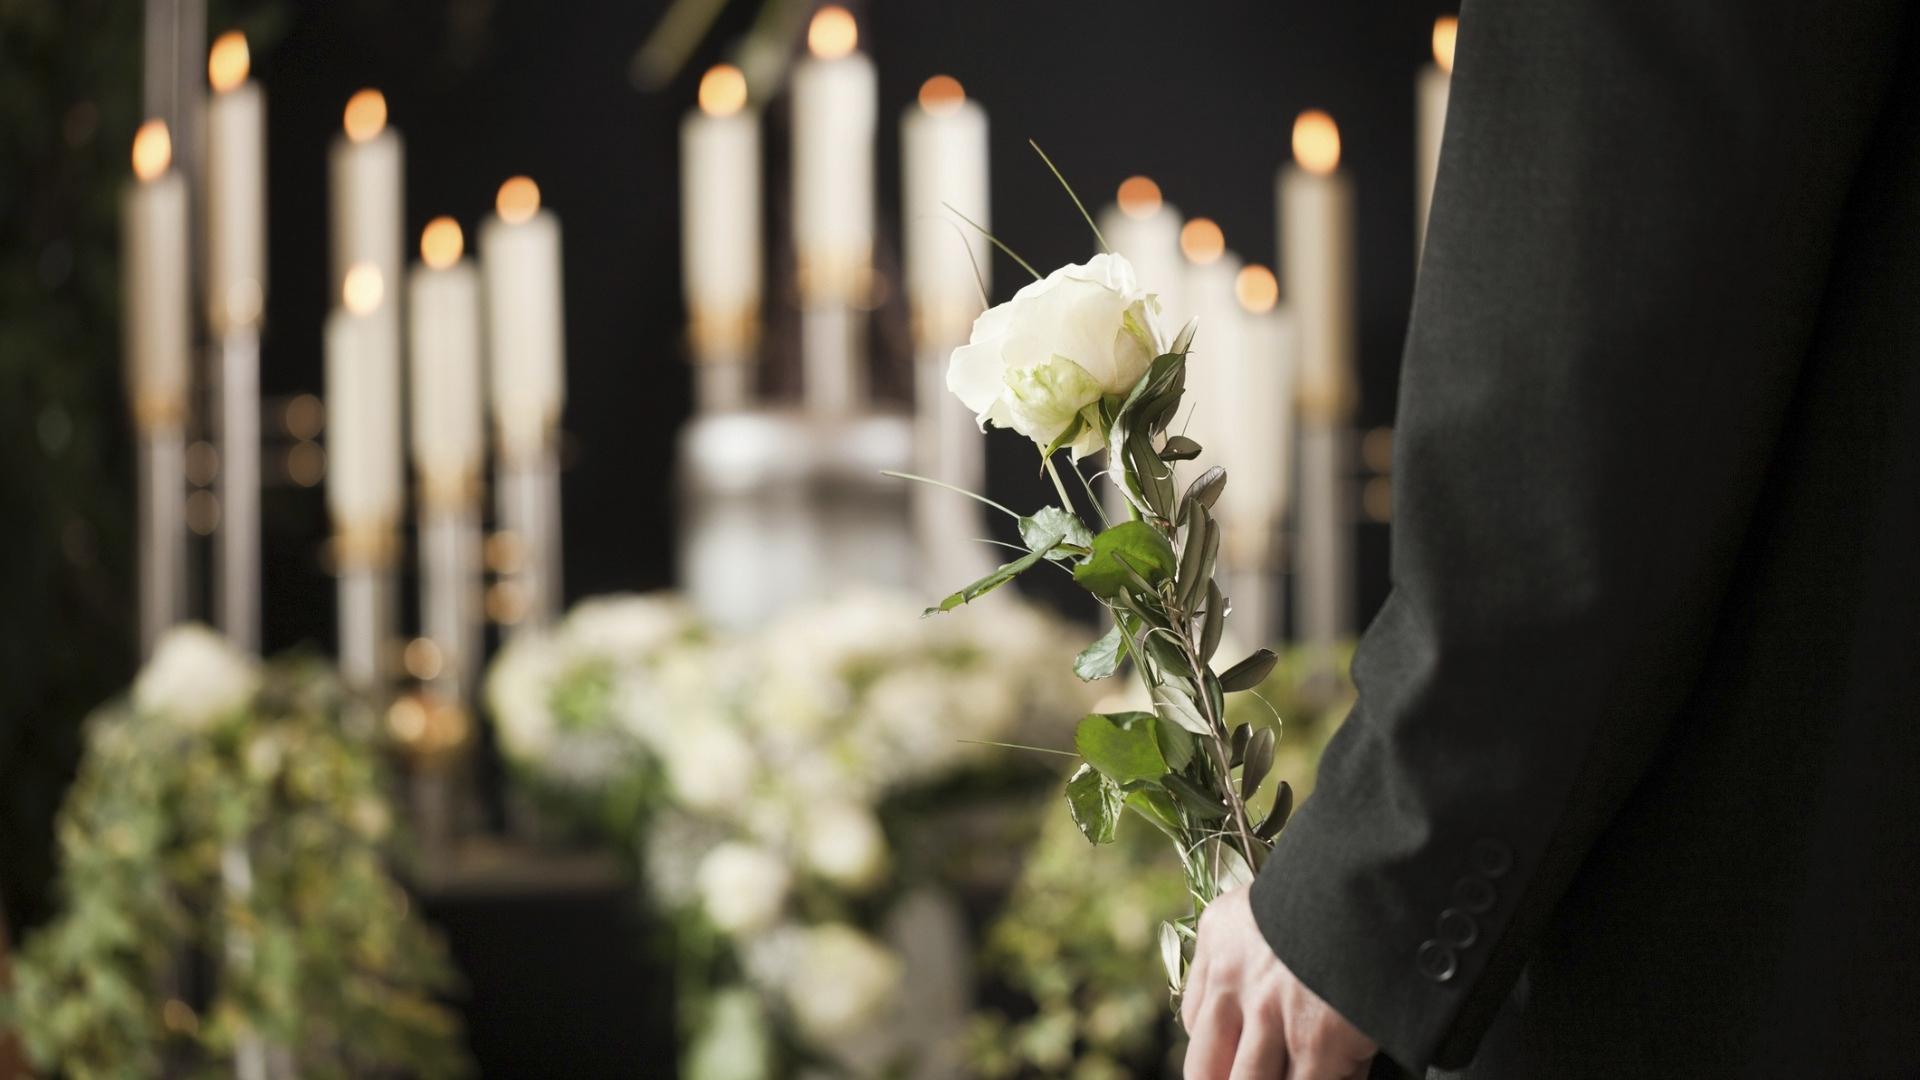 Hyvä saattohoito auttaa myös läheisiä valmistautumaan kuoleman jälkeiseen luopumiseen ja suruun.